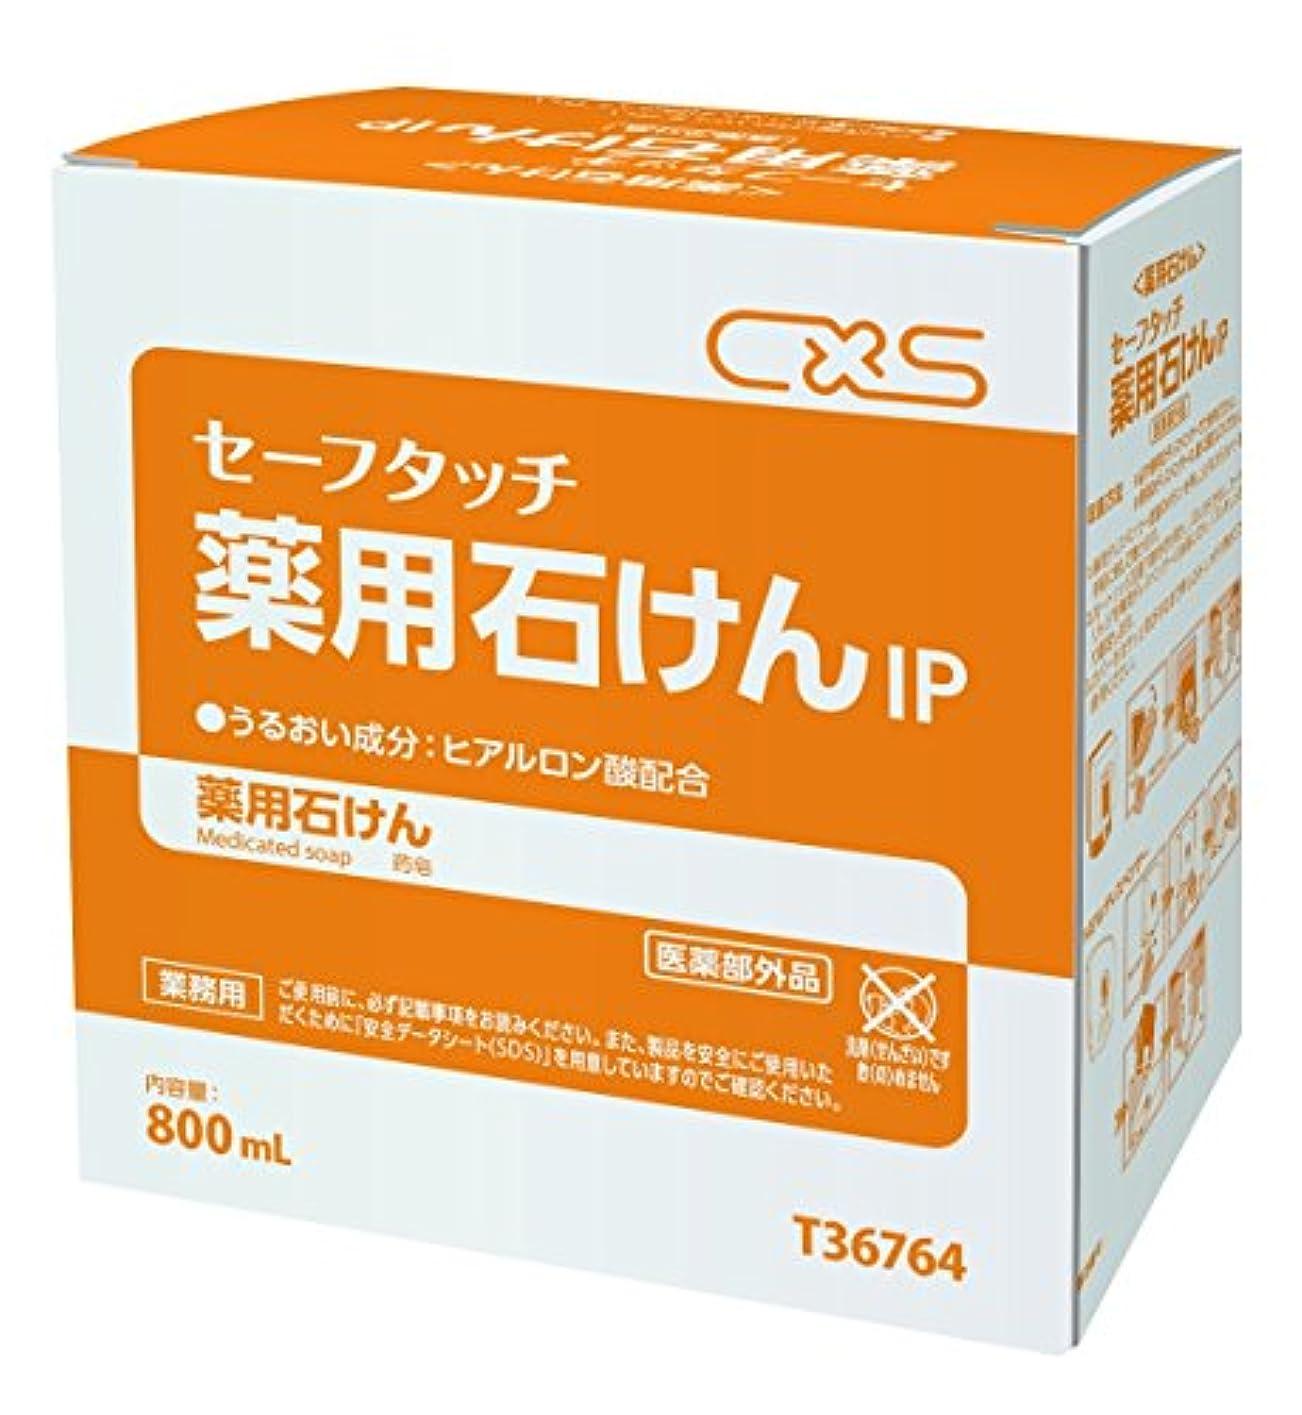 進む再生可能アトラスセーフタッチ 薬用石けんIP 6箱セット